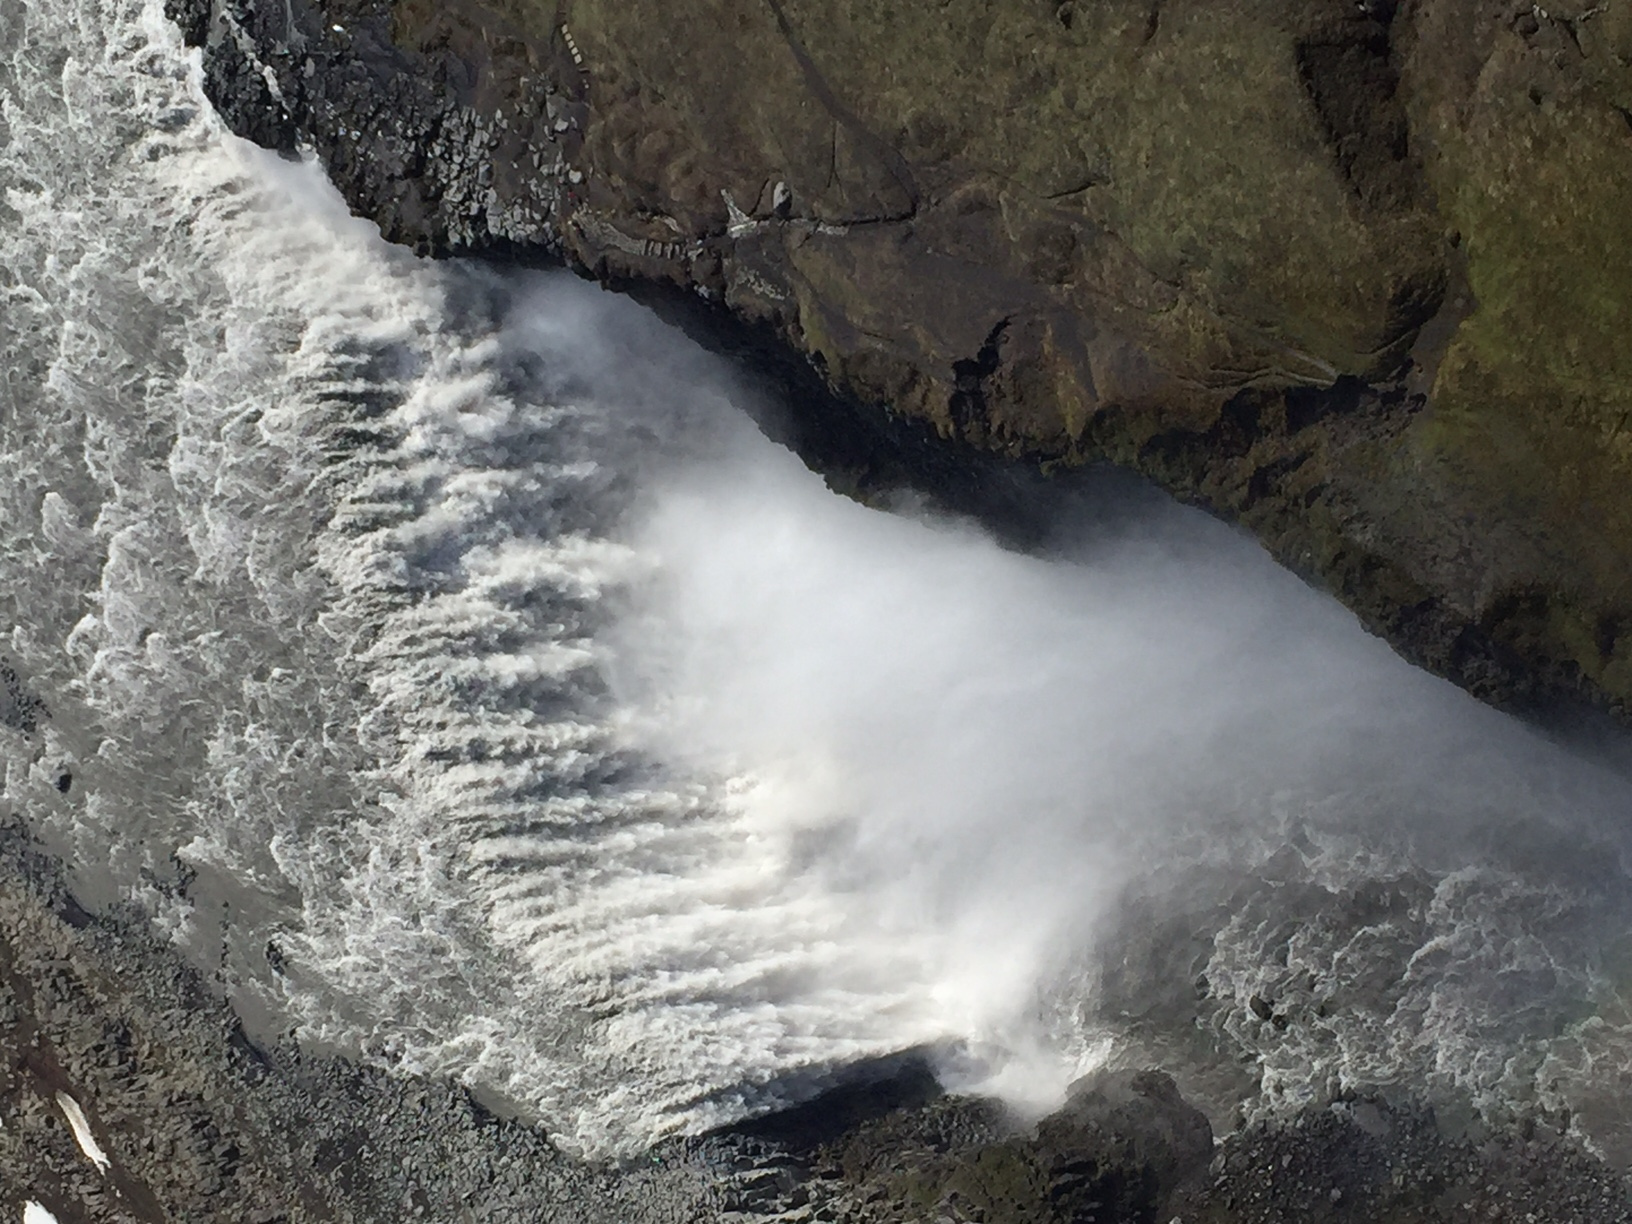 Der größte Wasserfall Europas, der Dettifoss, aus der Luft.